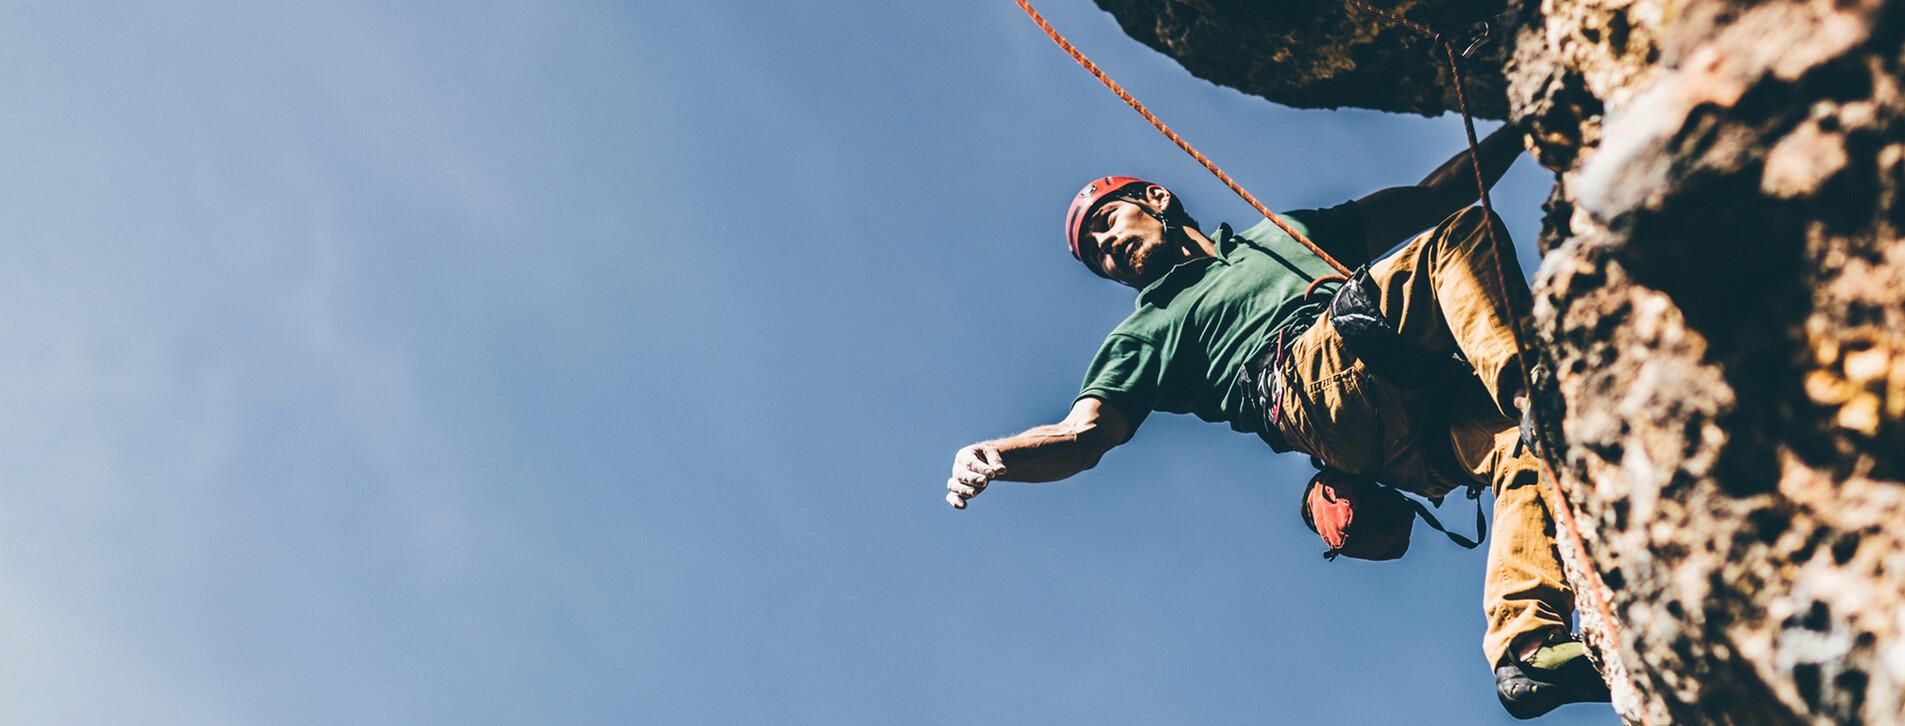 Fotoğraf 1 - Aile için Kaya Tırmanış Eğitimi